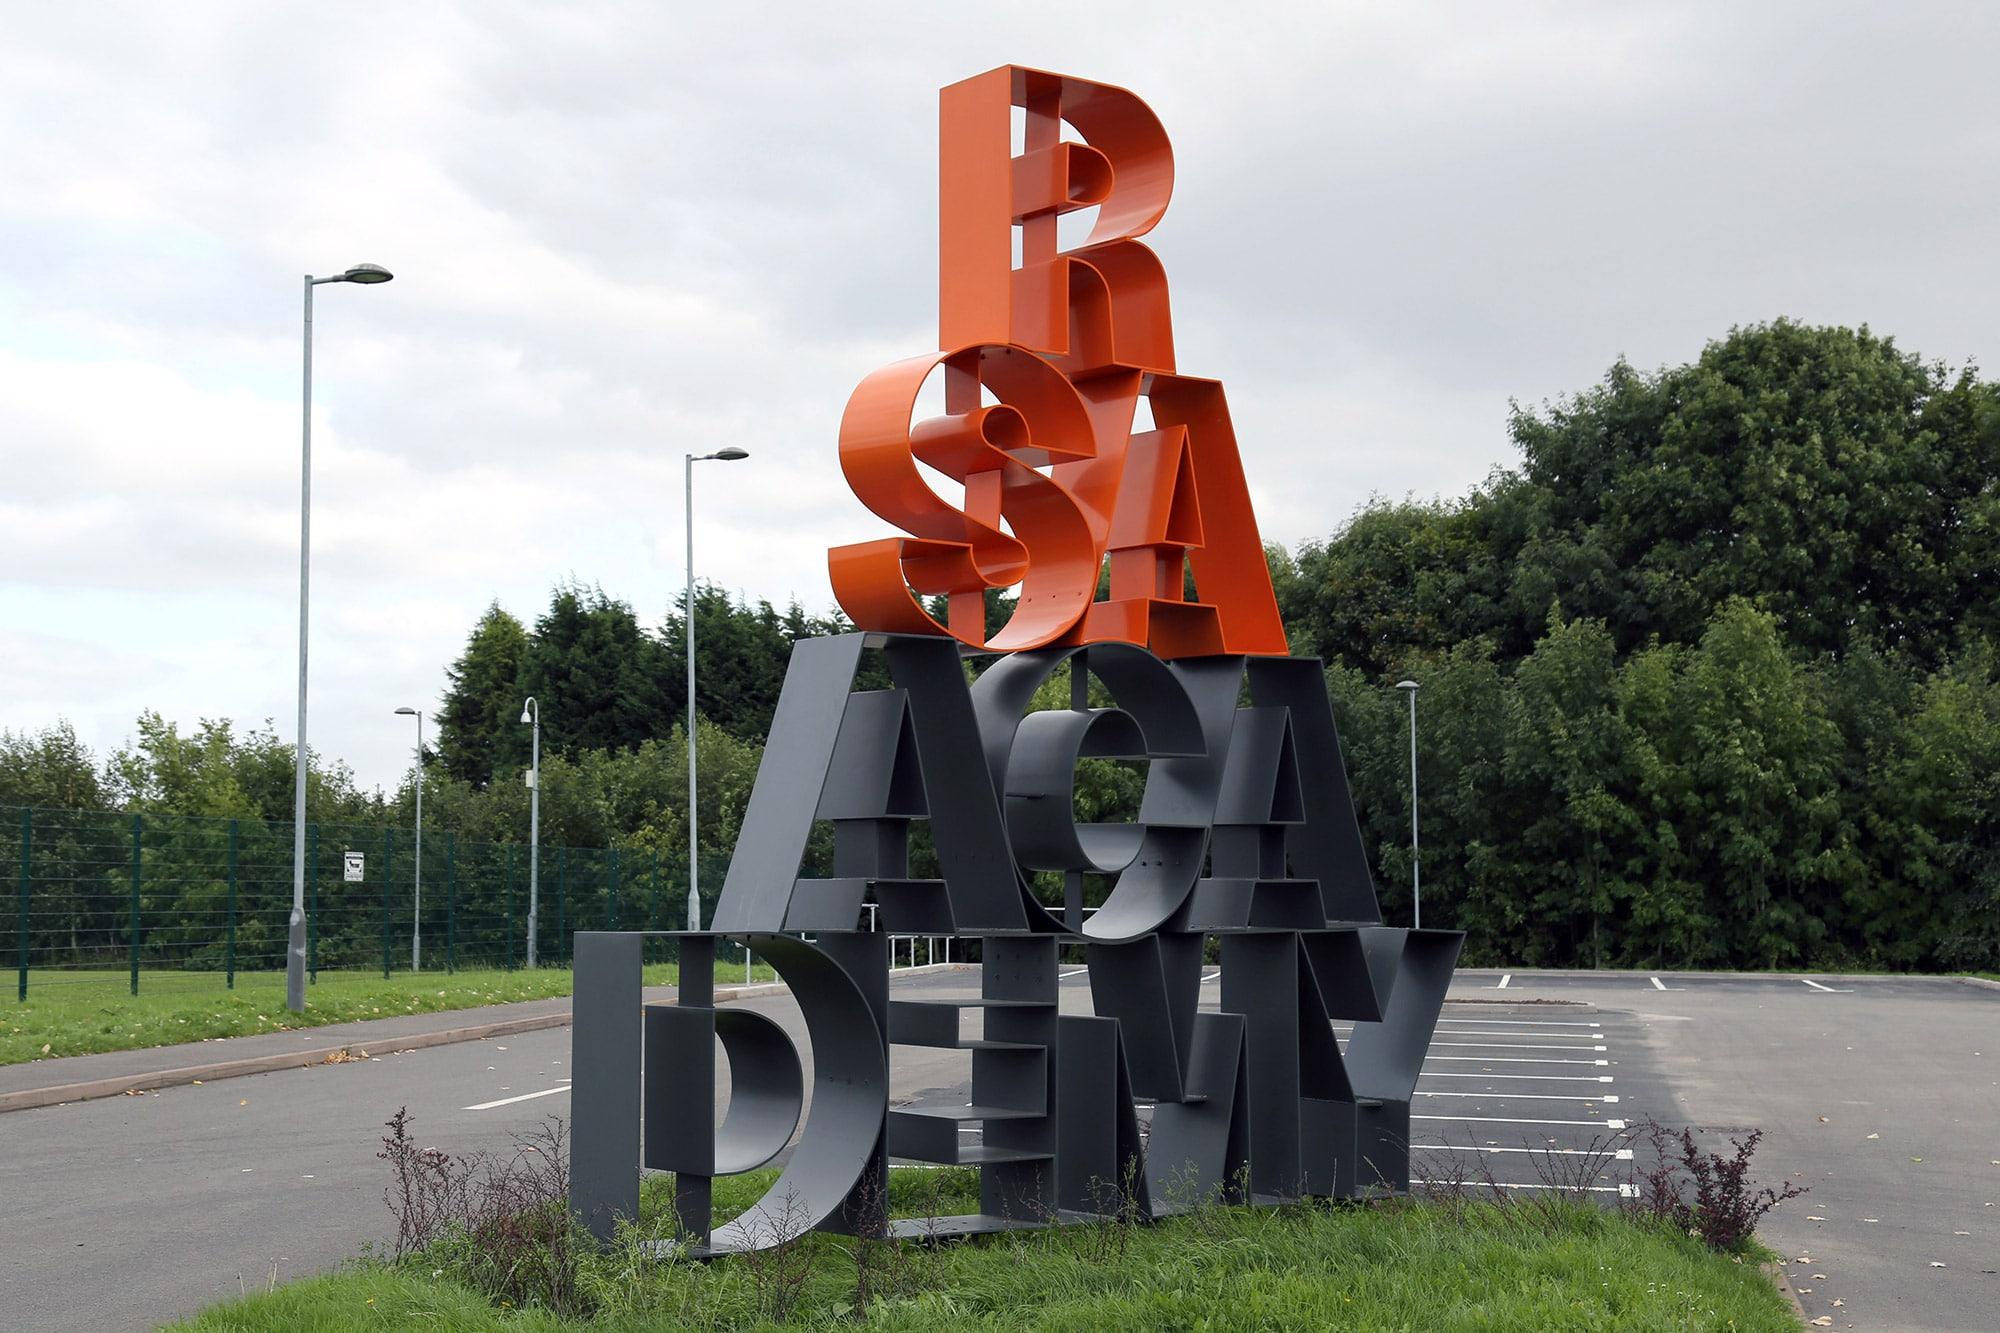 RSA Academy Tipton